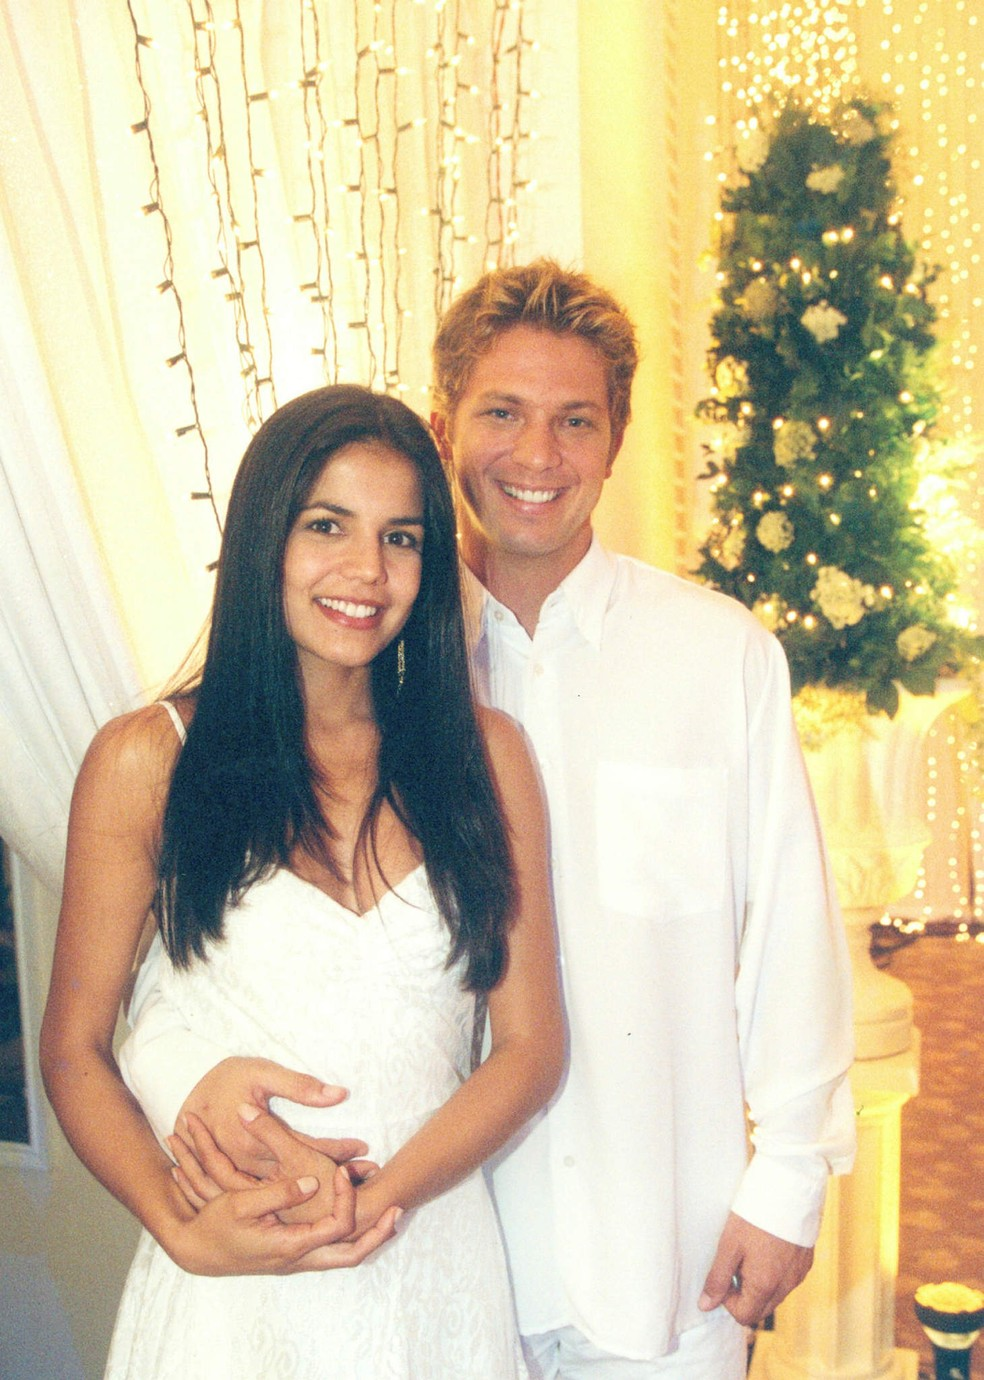 Nívea Stelmann e Mário Frias também fizeram a campanha de Natal da Globo de 2001 — Foto: Acervo Globo